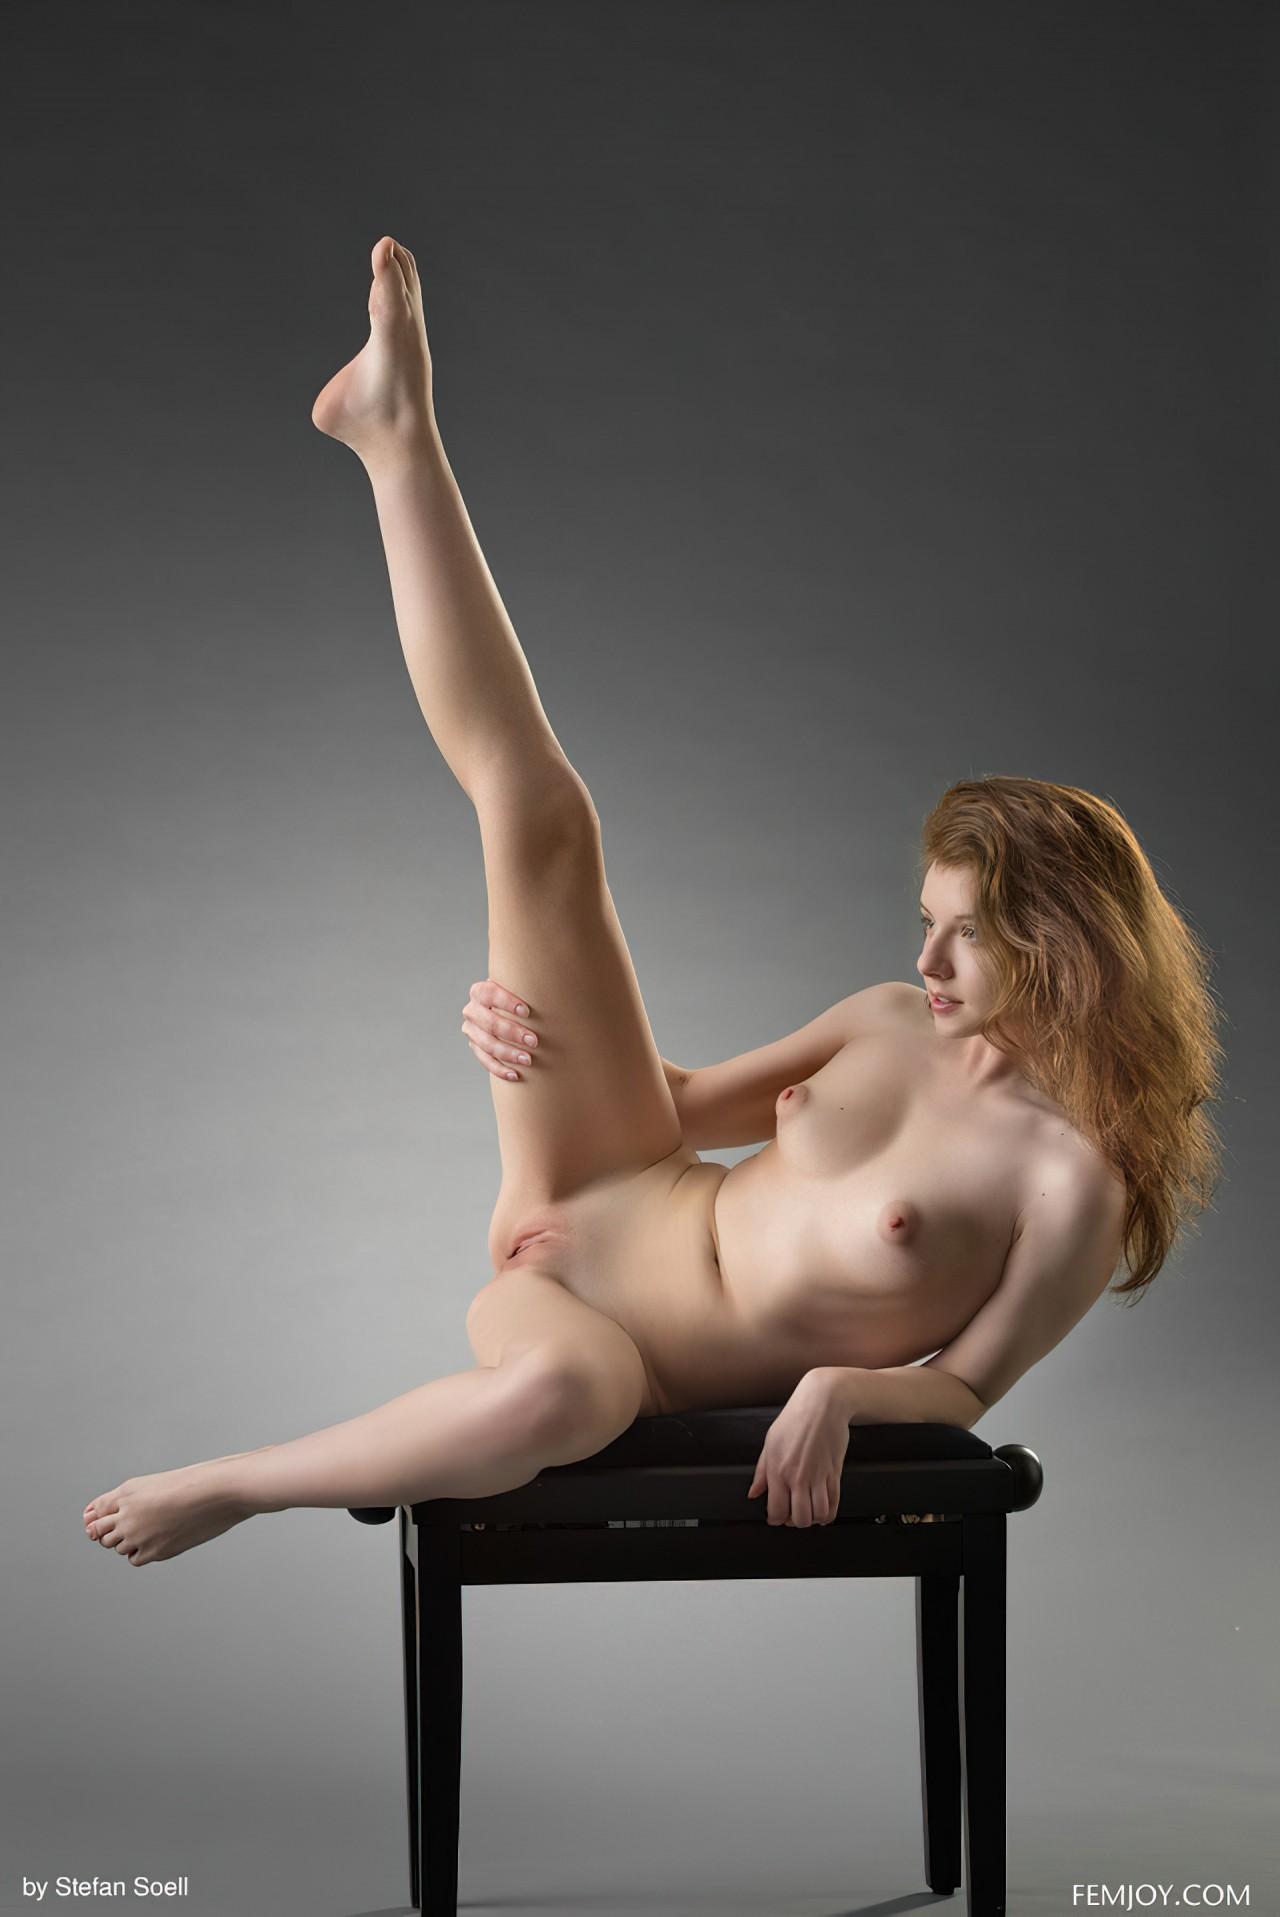 Ruiva Linda (8)